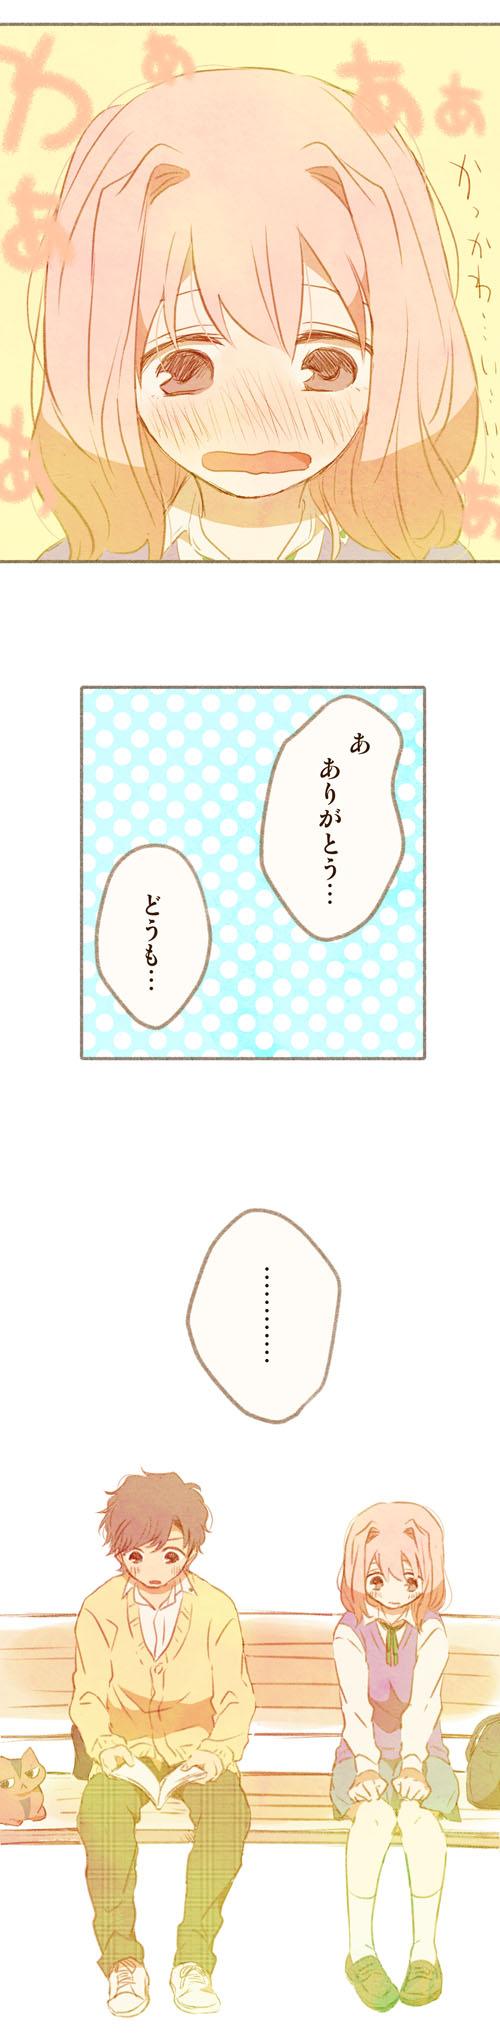 番外編2原稿_009